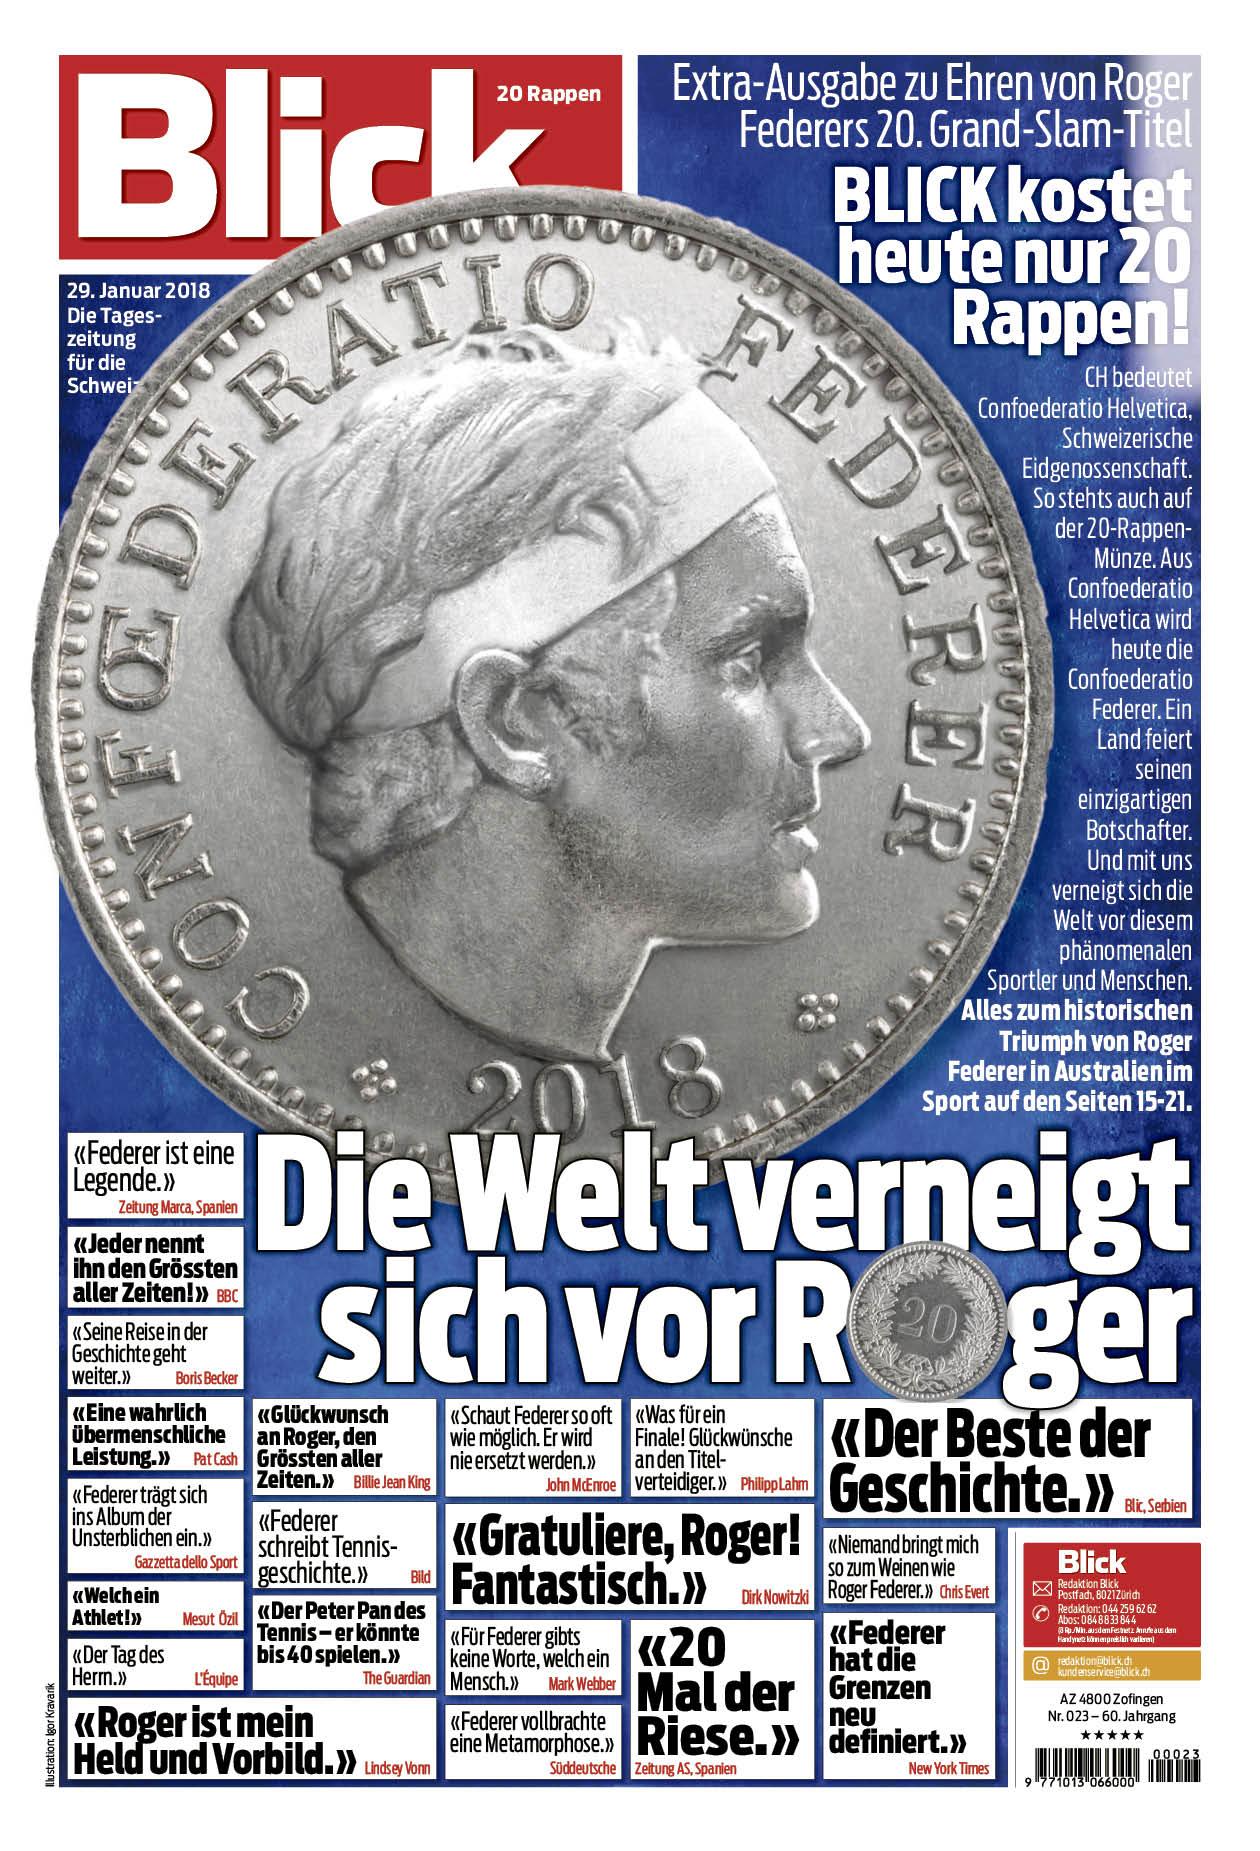 Ringier Blick Kostet Am Montag 20 Rappen Medien